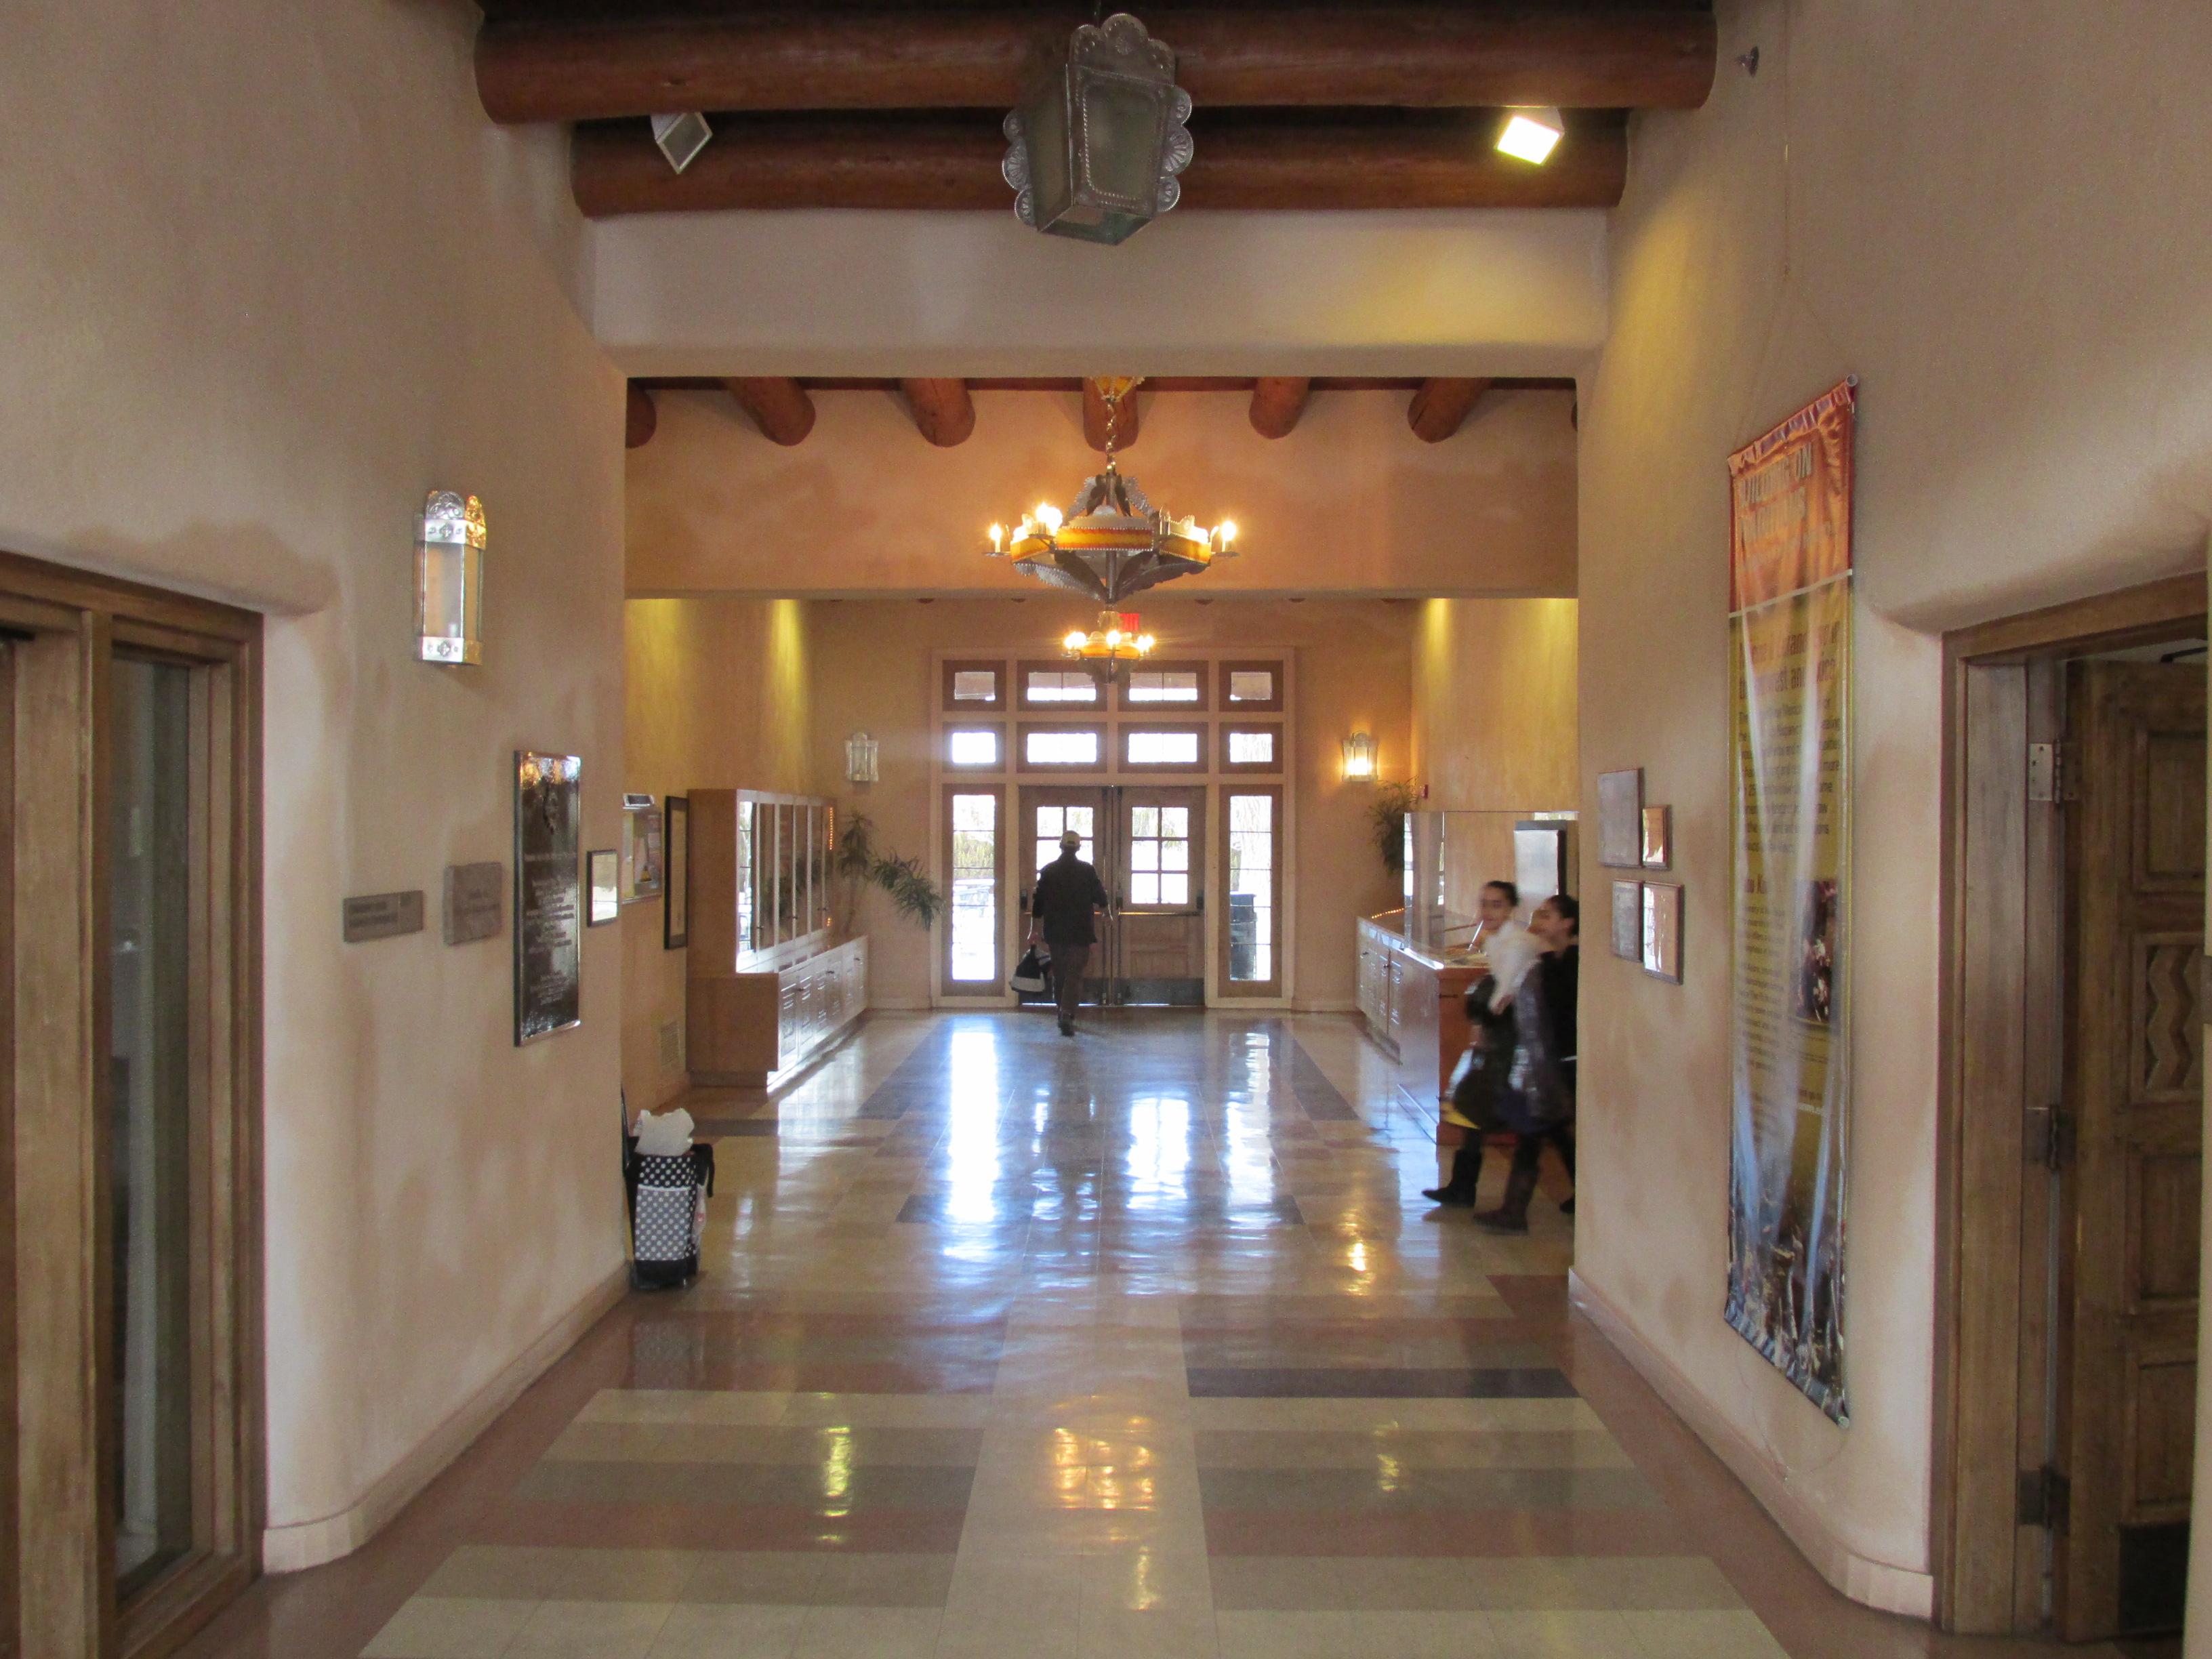 FileInterior West San Jose School Albuquerque NM